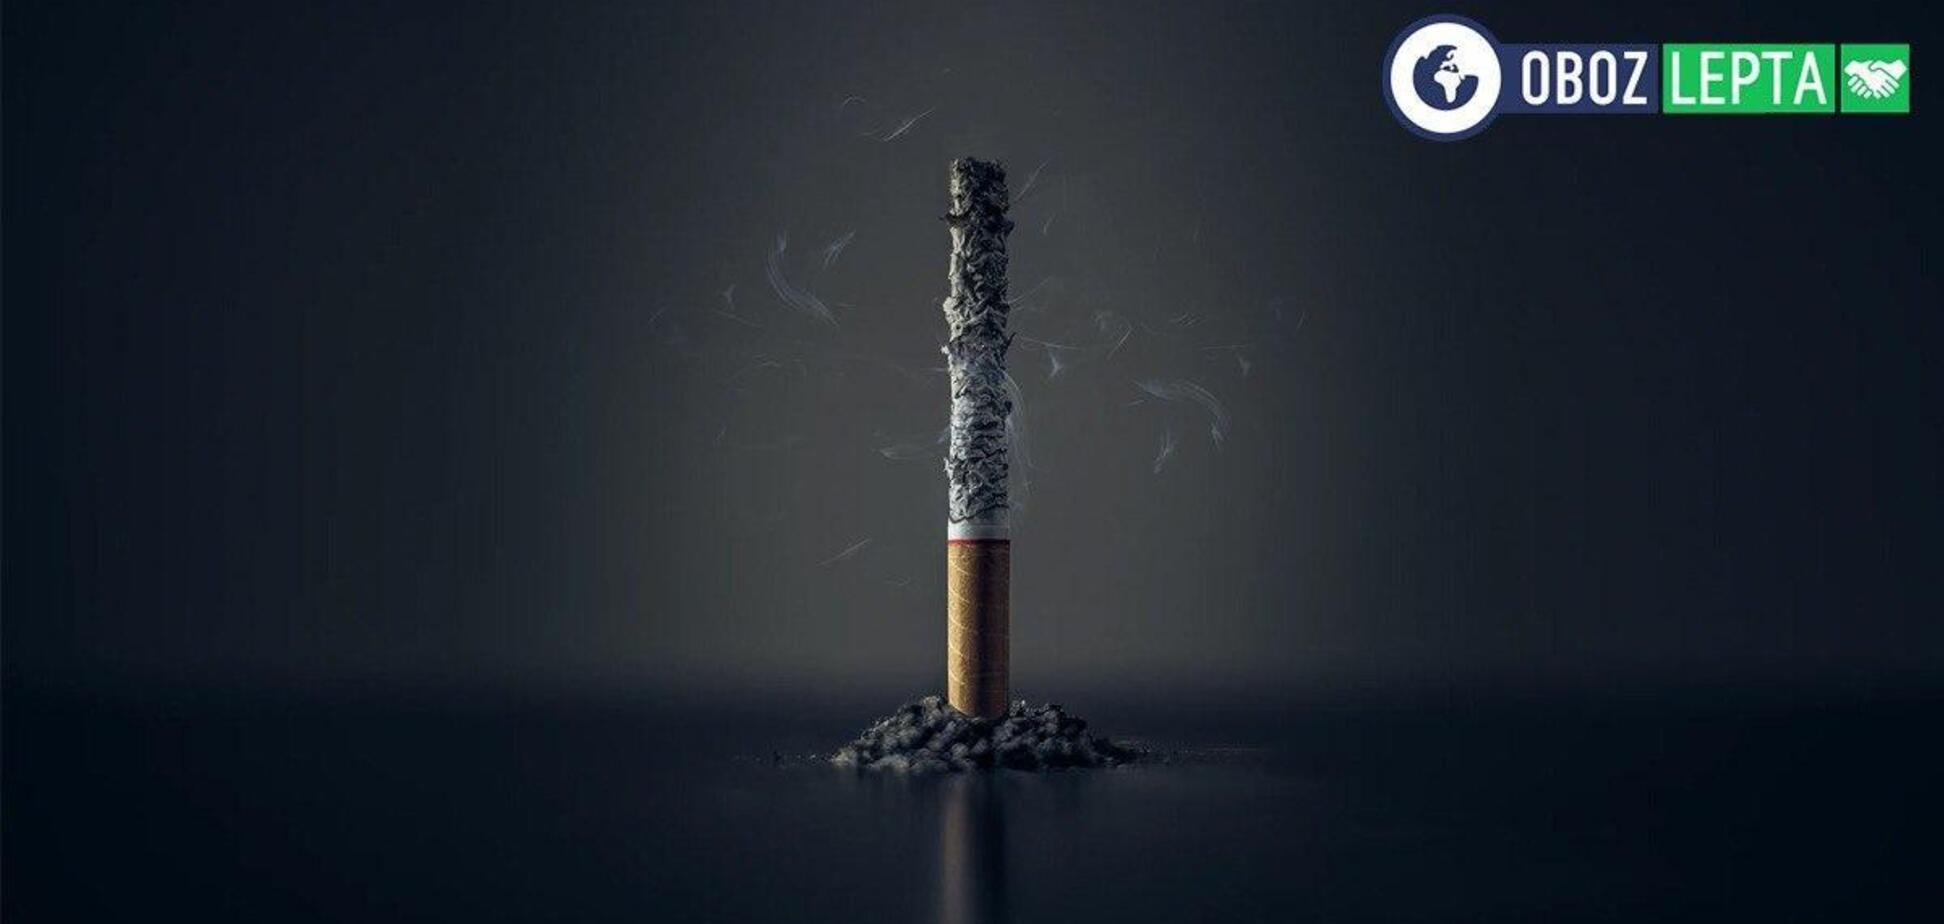 Бизнес по совести vol.2. Какой должна быть социальная ответственность производителей табака?